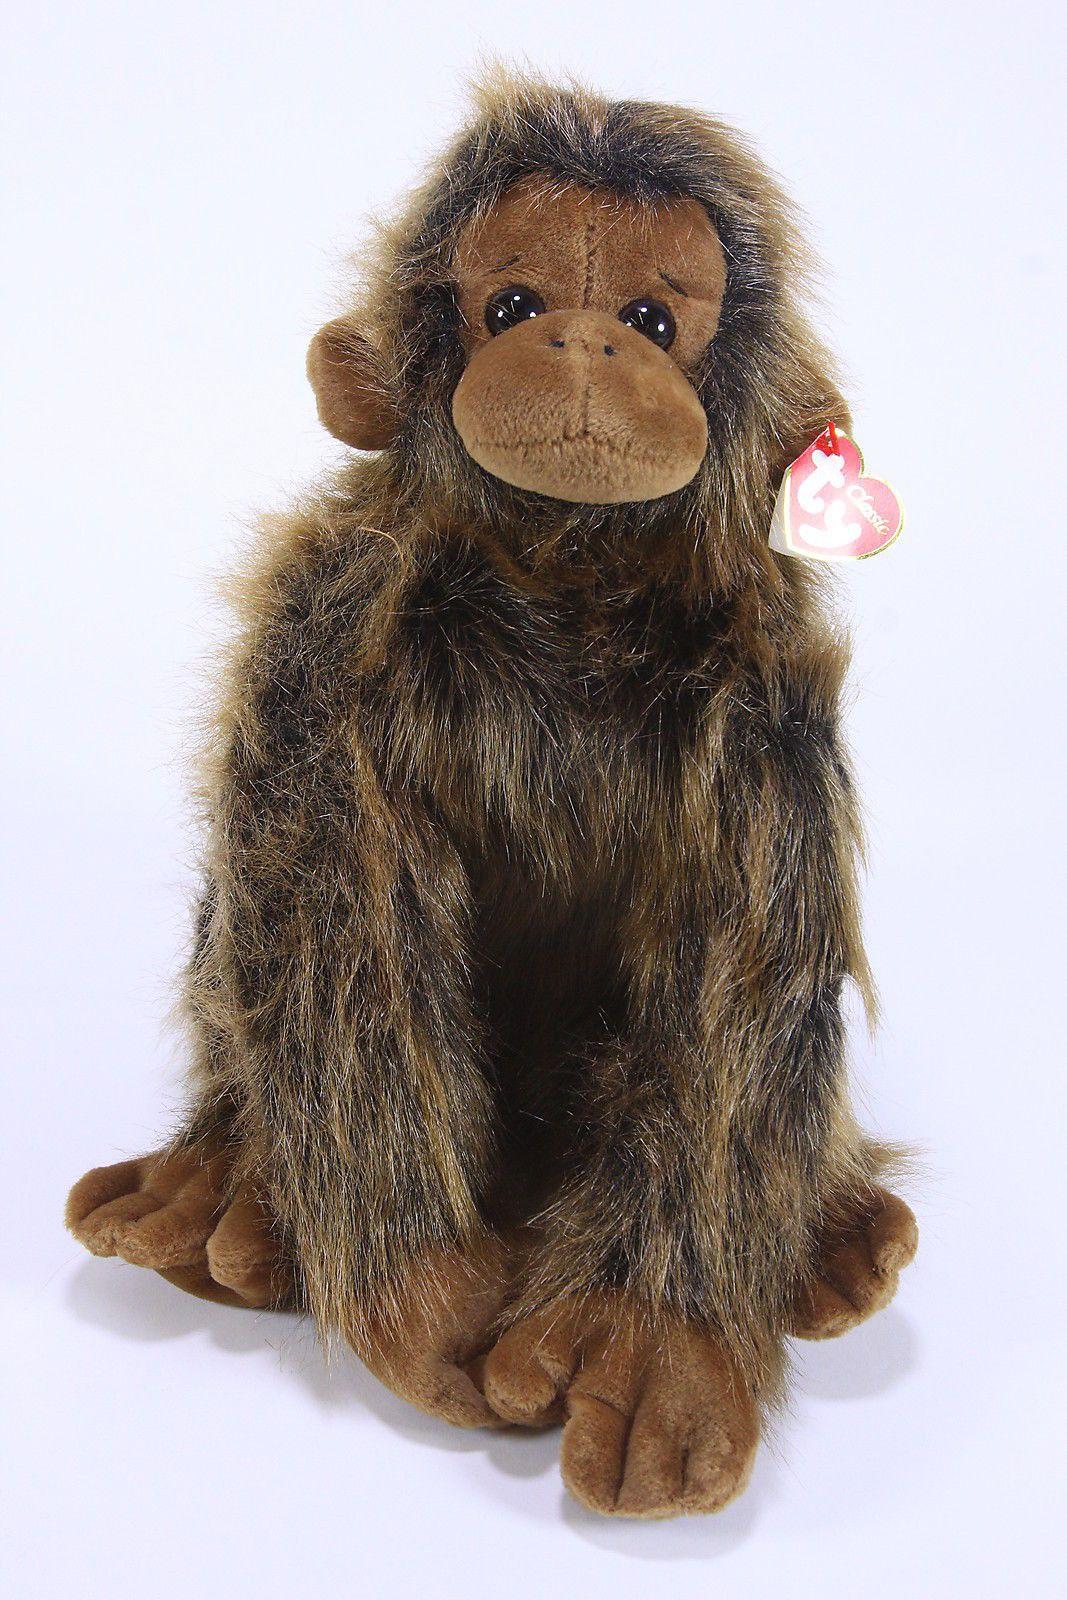 """JAKE Plush Monkey TY Classic Beanie Baby Buddy Ape Orangutan 13"""" W/ Ear Tag 1999"""